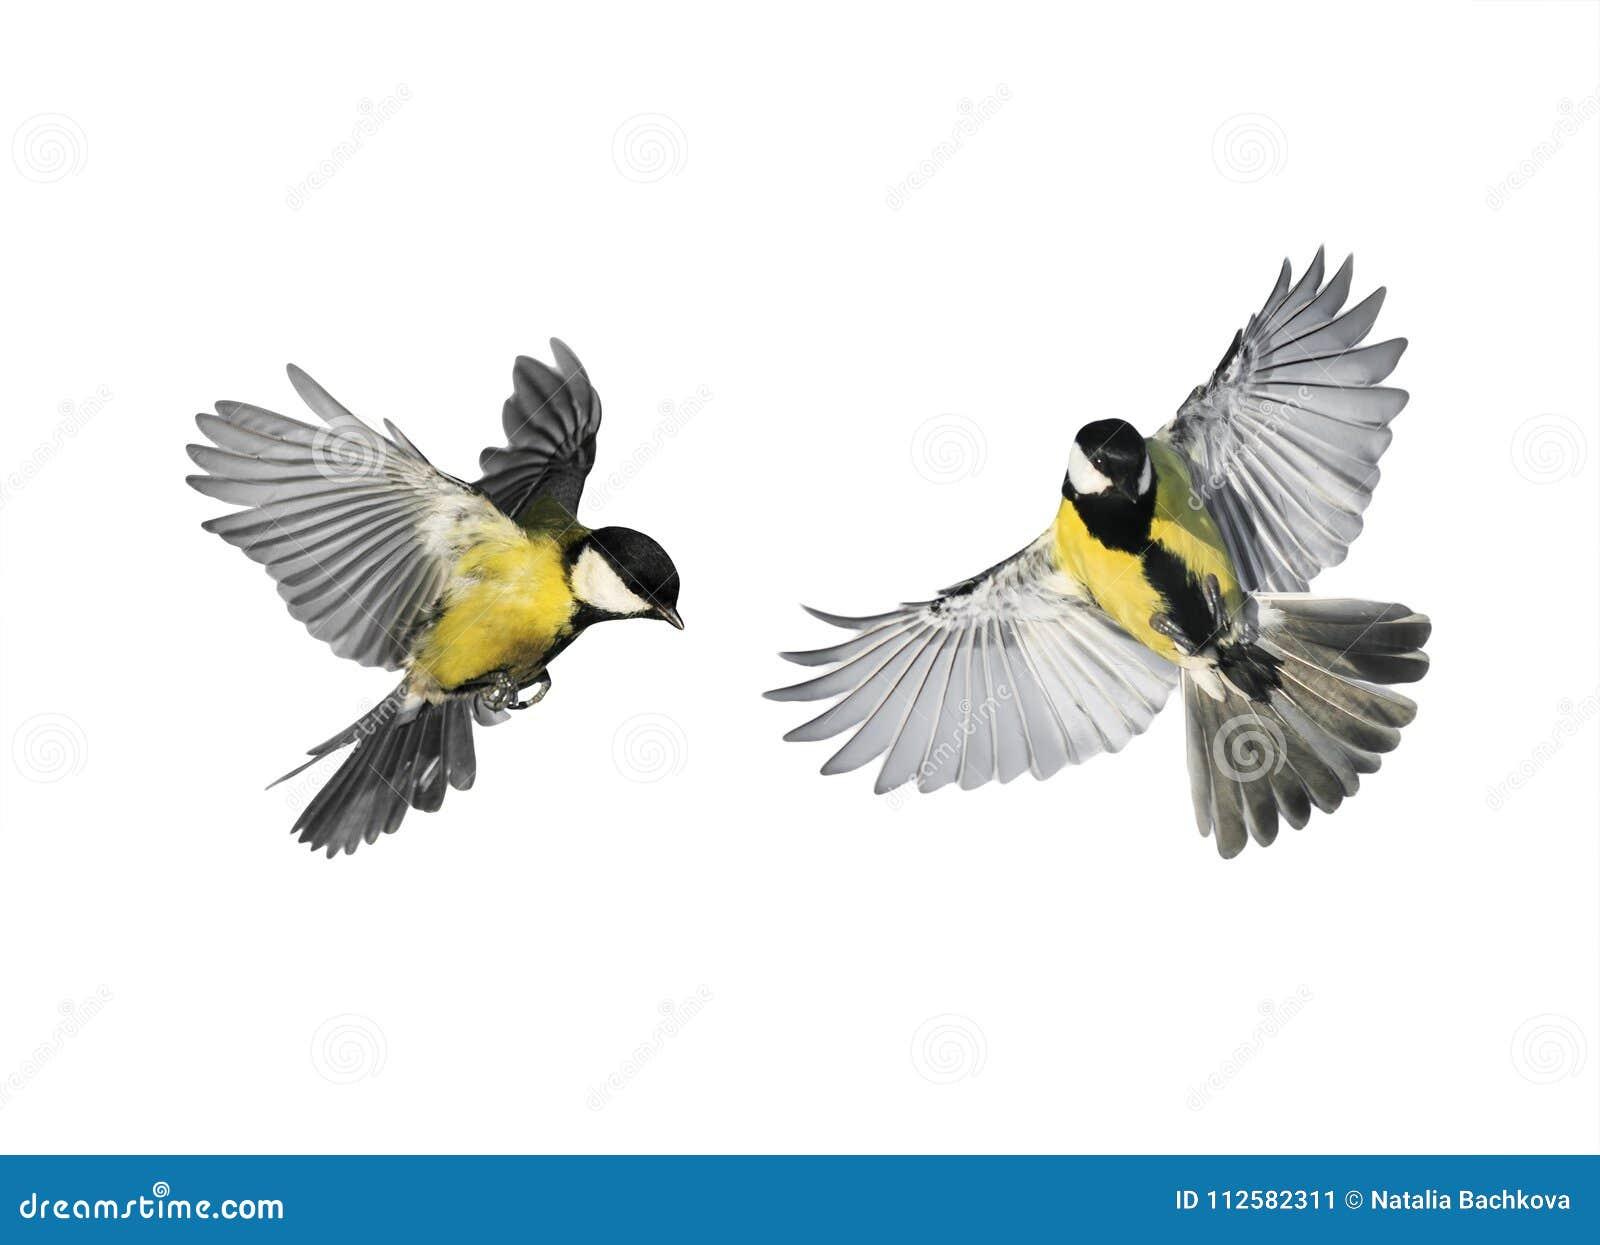 Kilka mali ptaków chickadees lata w kierunku rozszerzania się swój wygranę